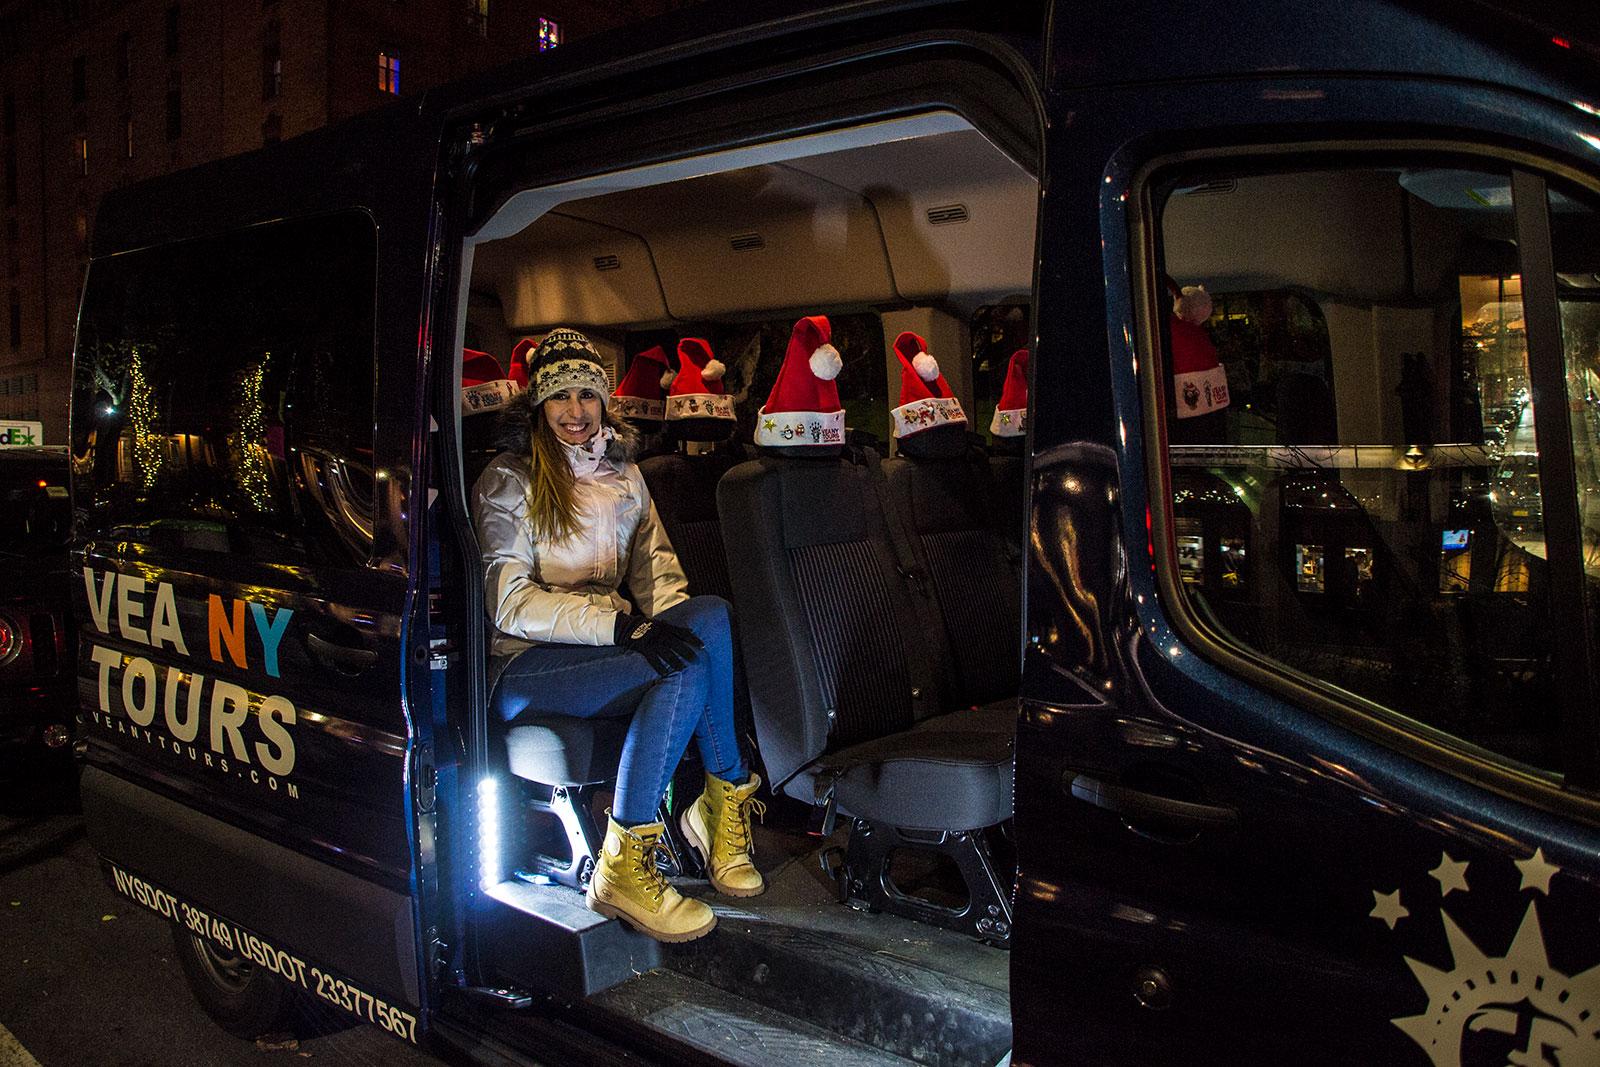 Autobús VeaNY Tours - excursiones desde Nueva York